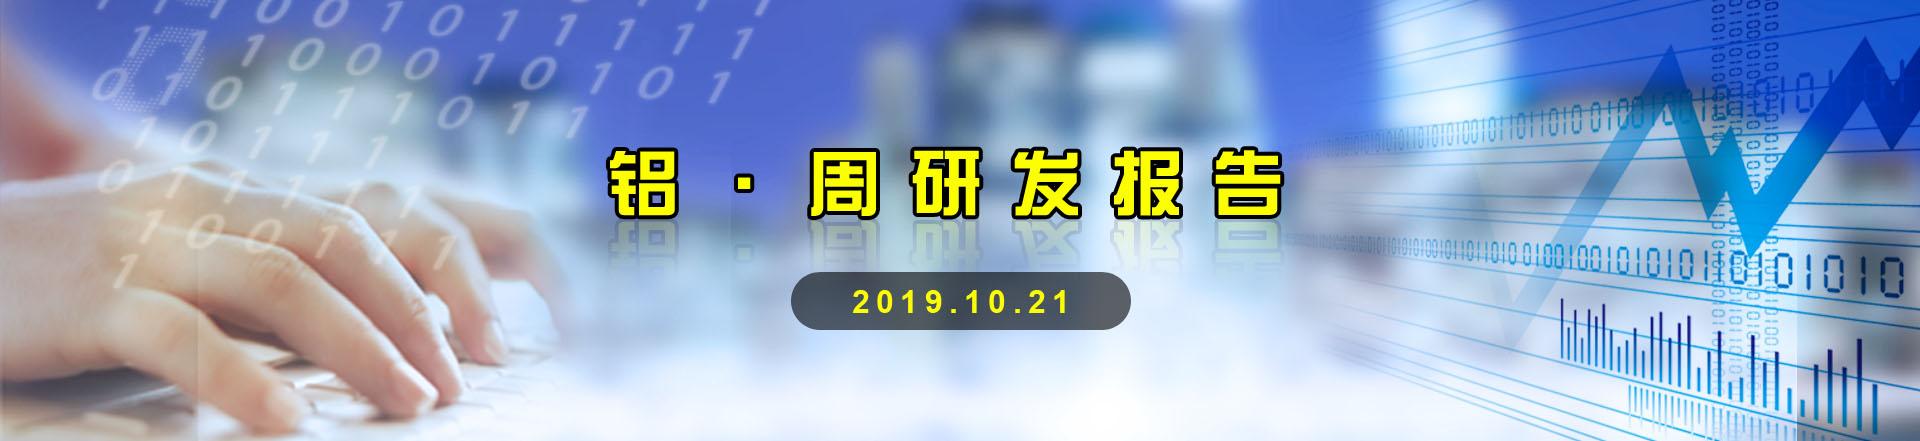 【铝】铝·周研发报告集锦 20191021